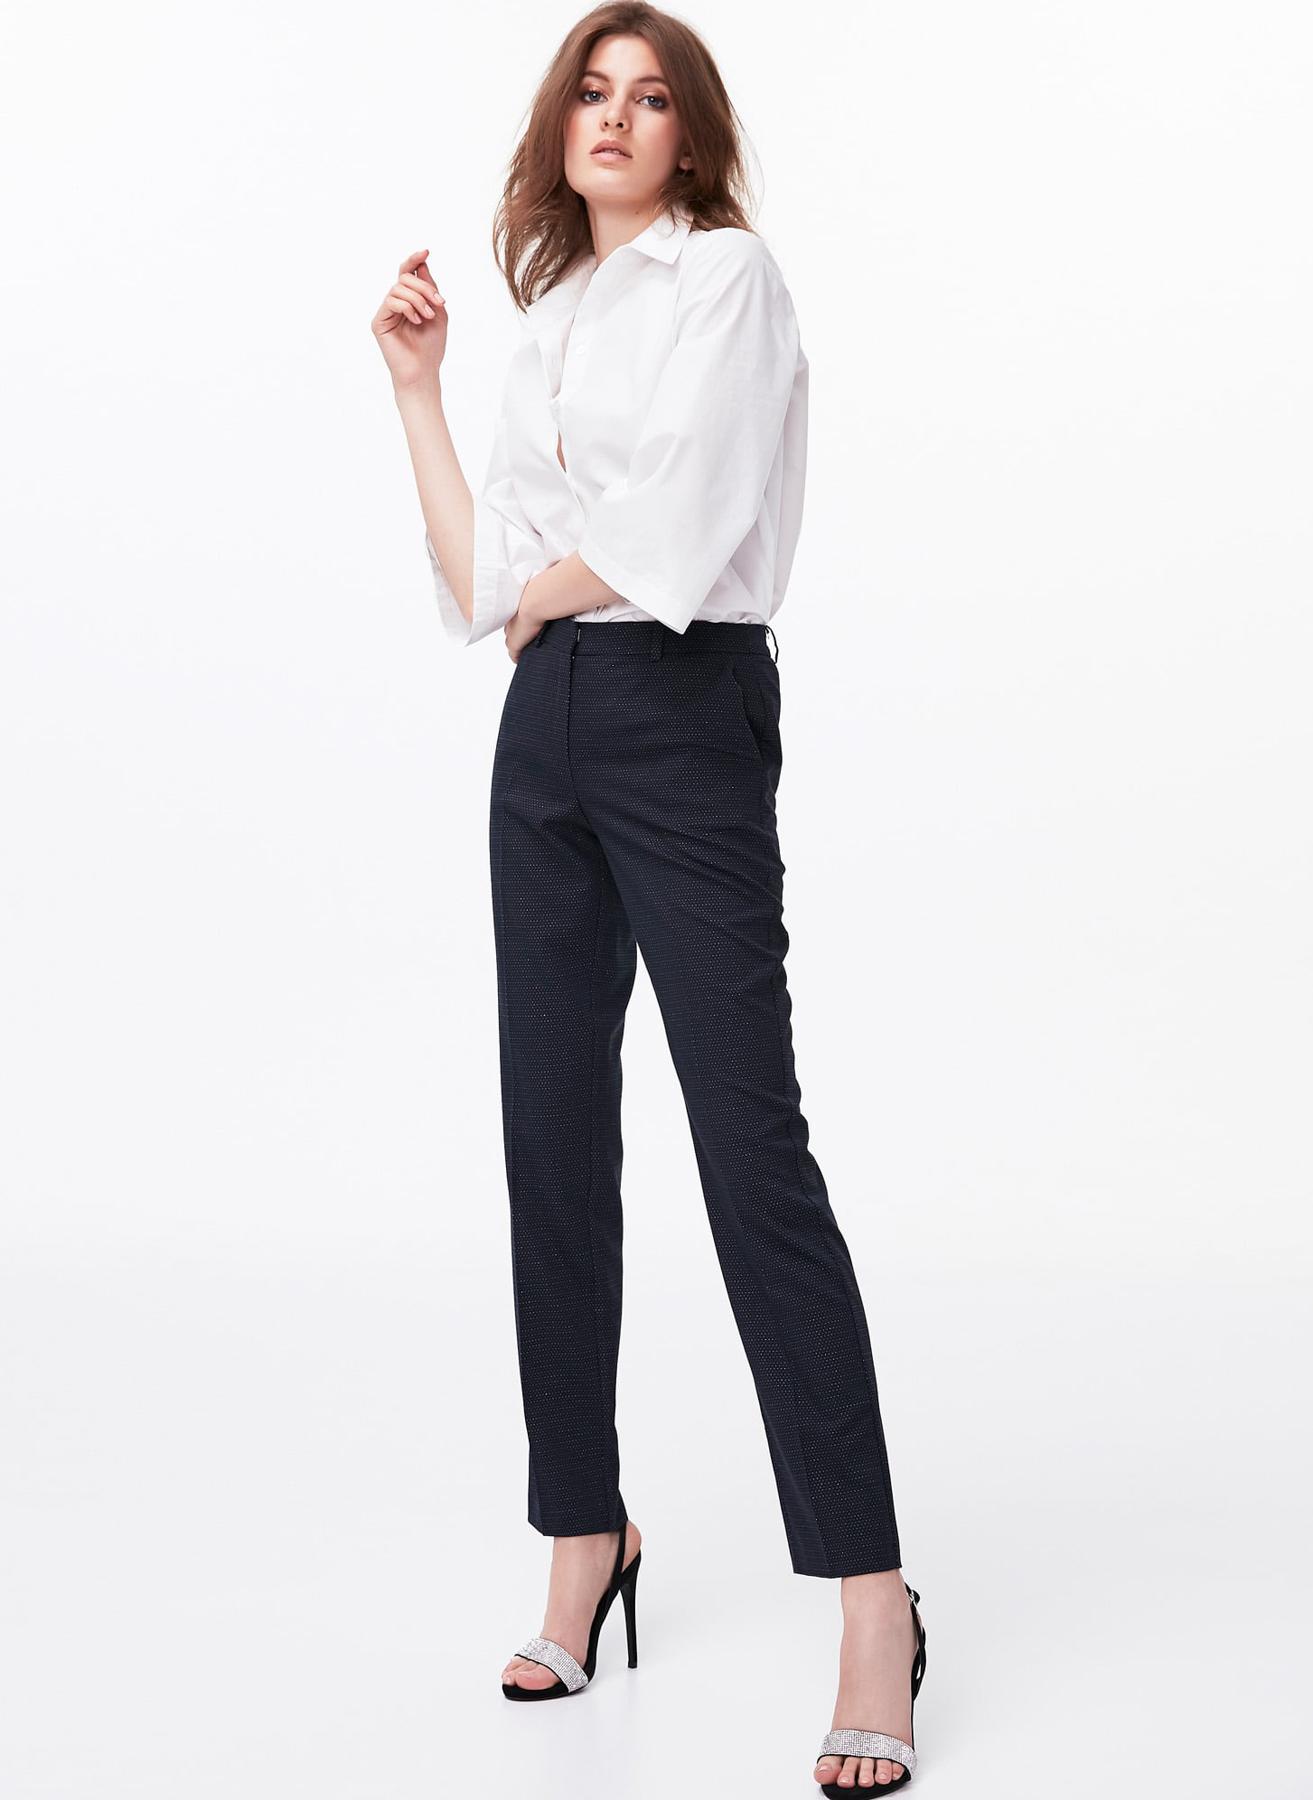 İpekyol Desenli Lacivert Pantolon 42 5002301068005 Ürün Resmi